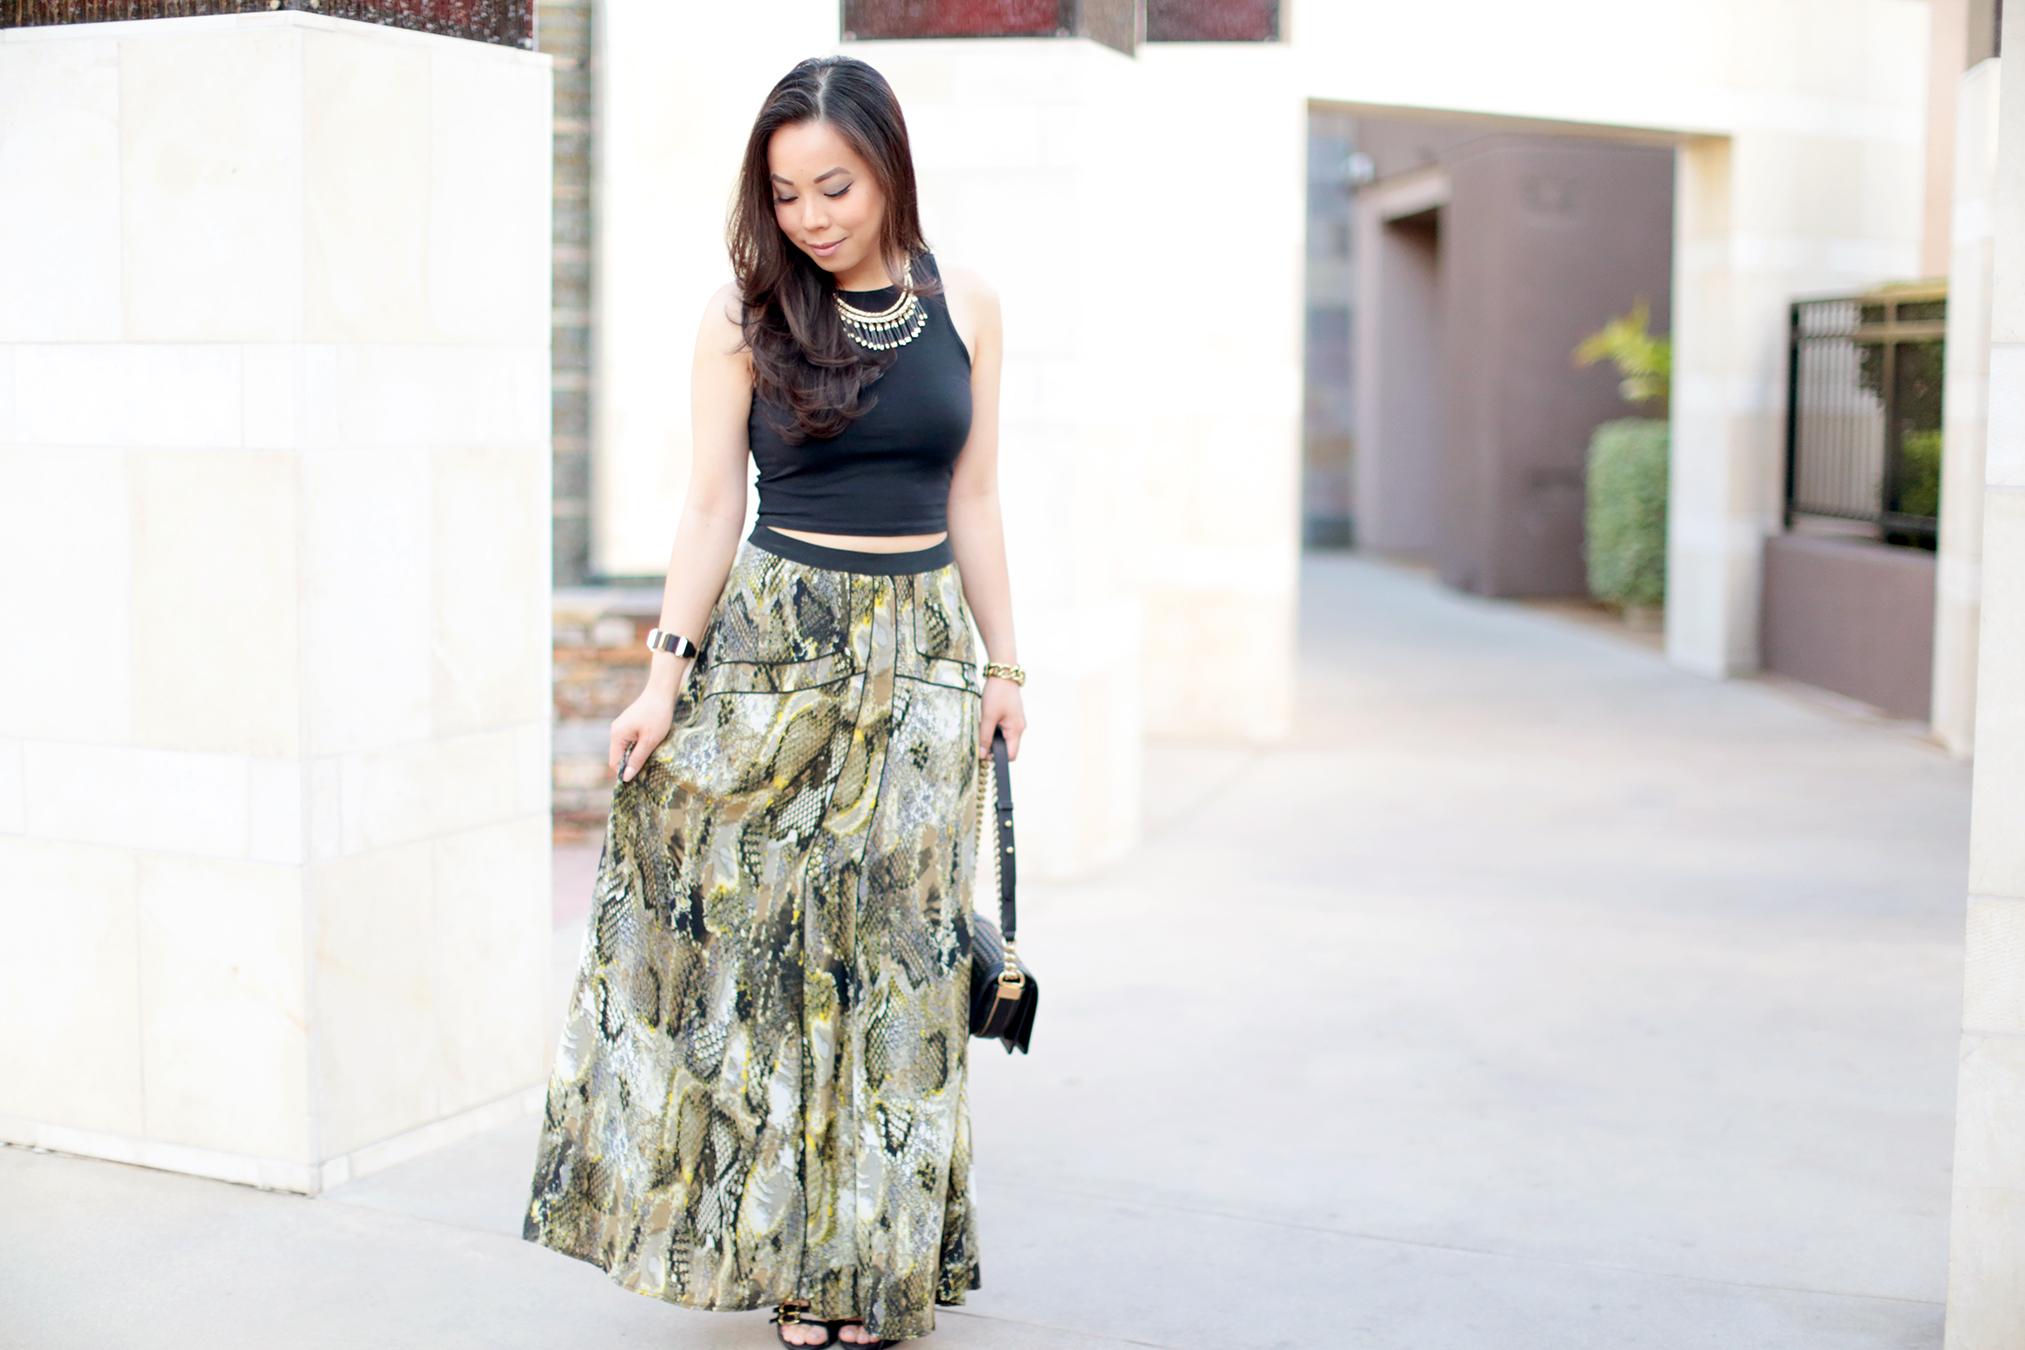 hautepinkpretty crop tops maxi skirts